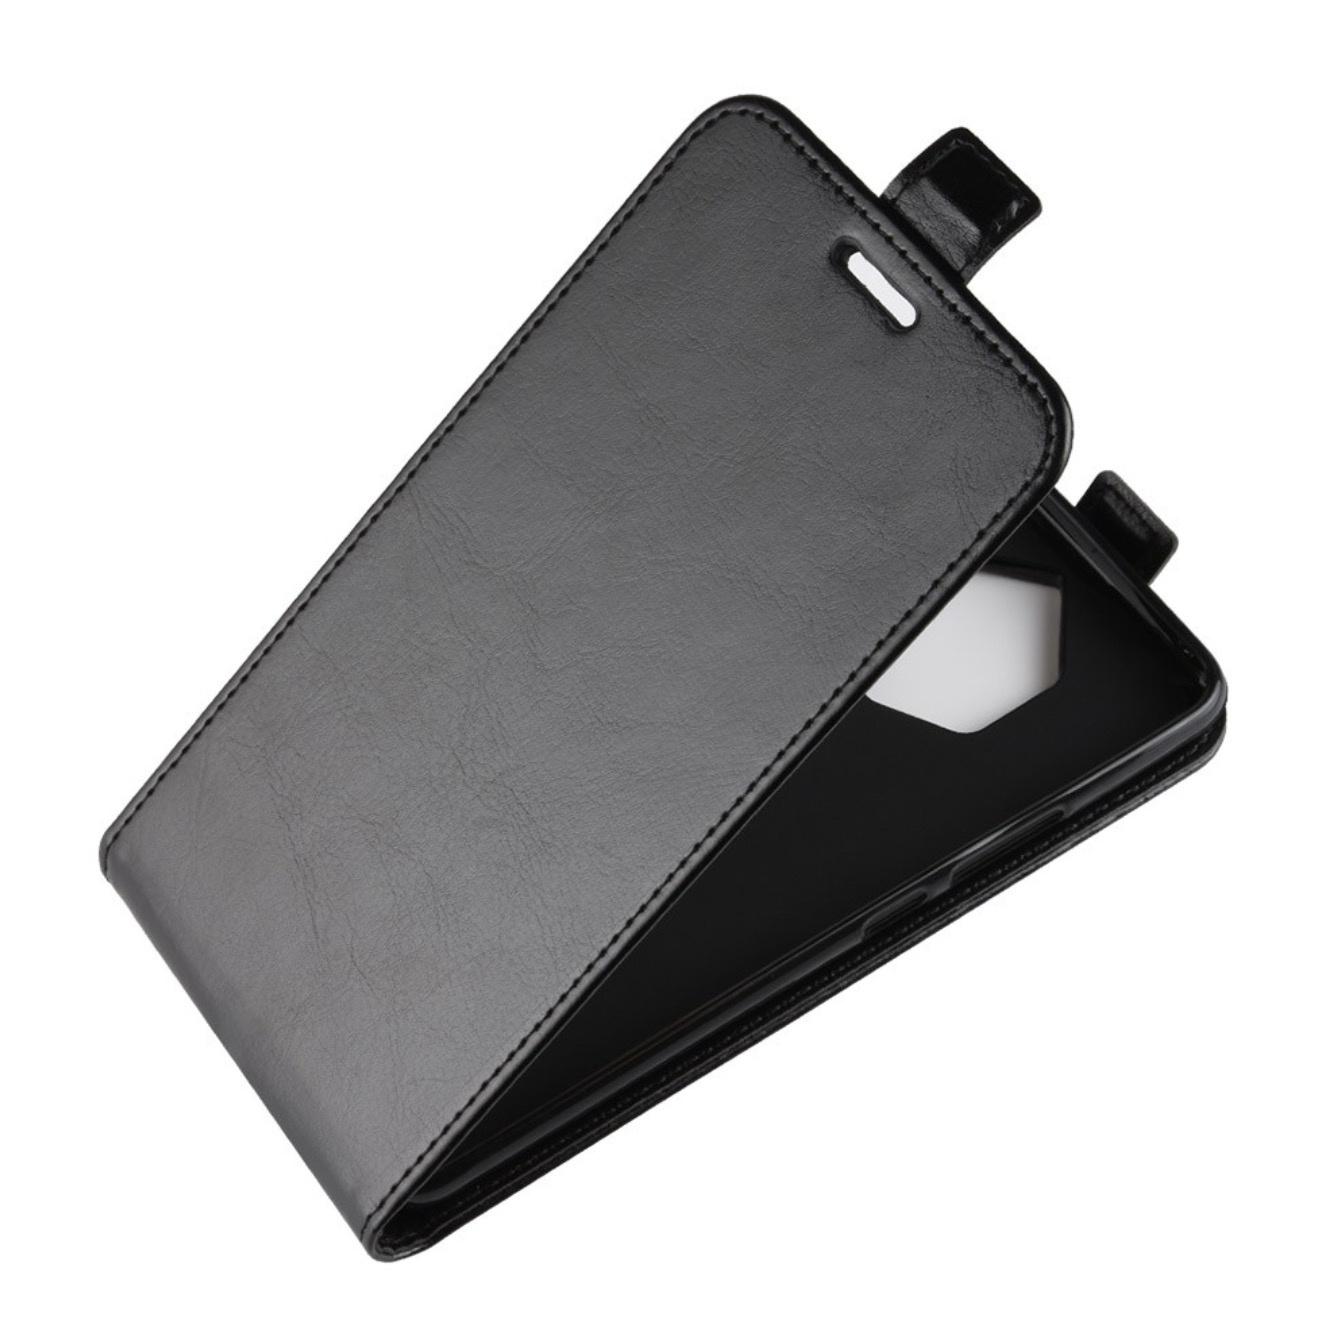 Чехол-флип MyPads для Fly IQ4502 Era Energy 1 Quad вертикальный откидной черный все цены